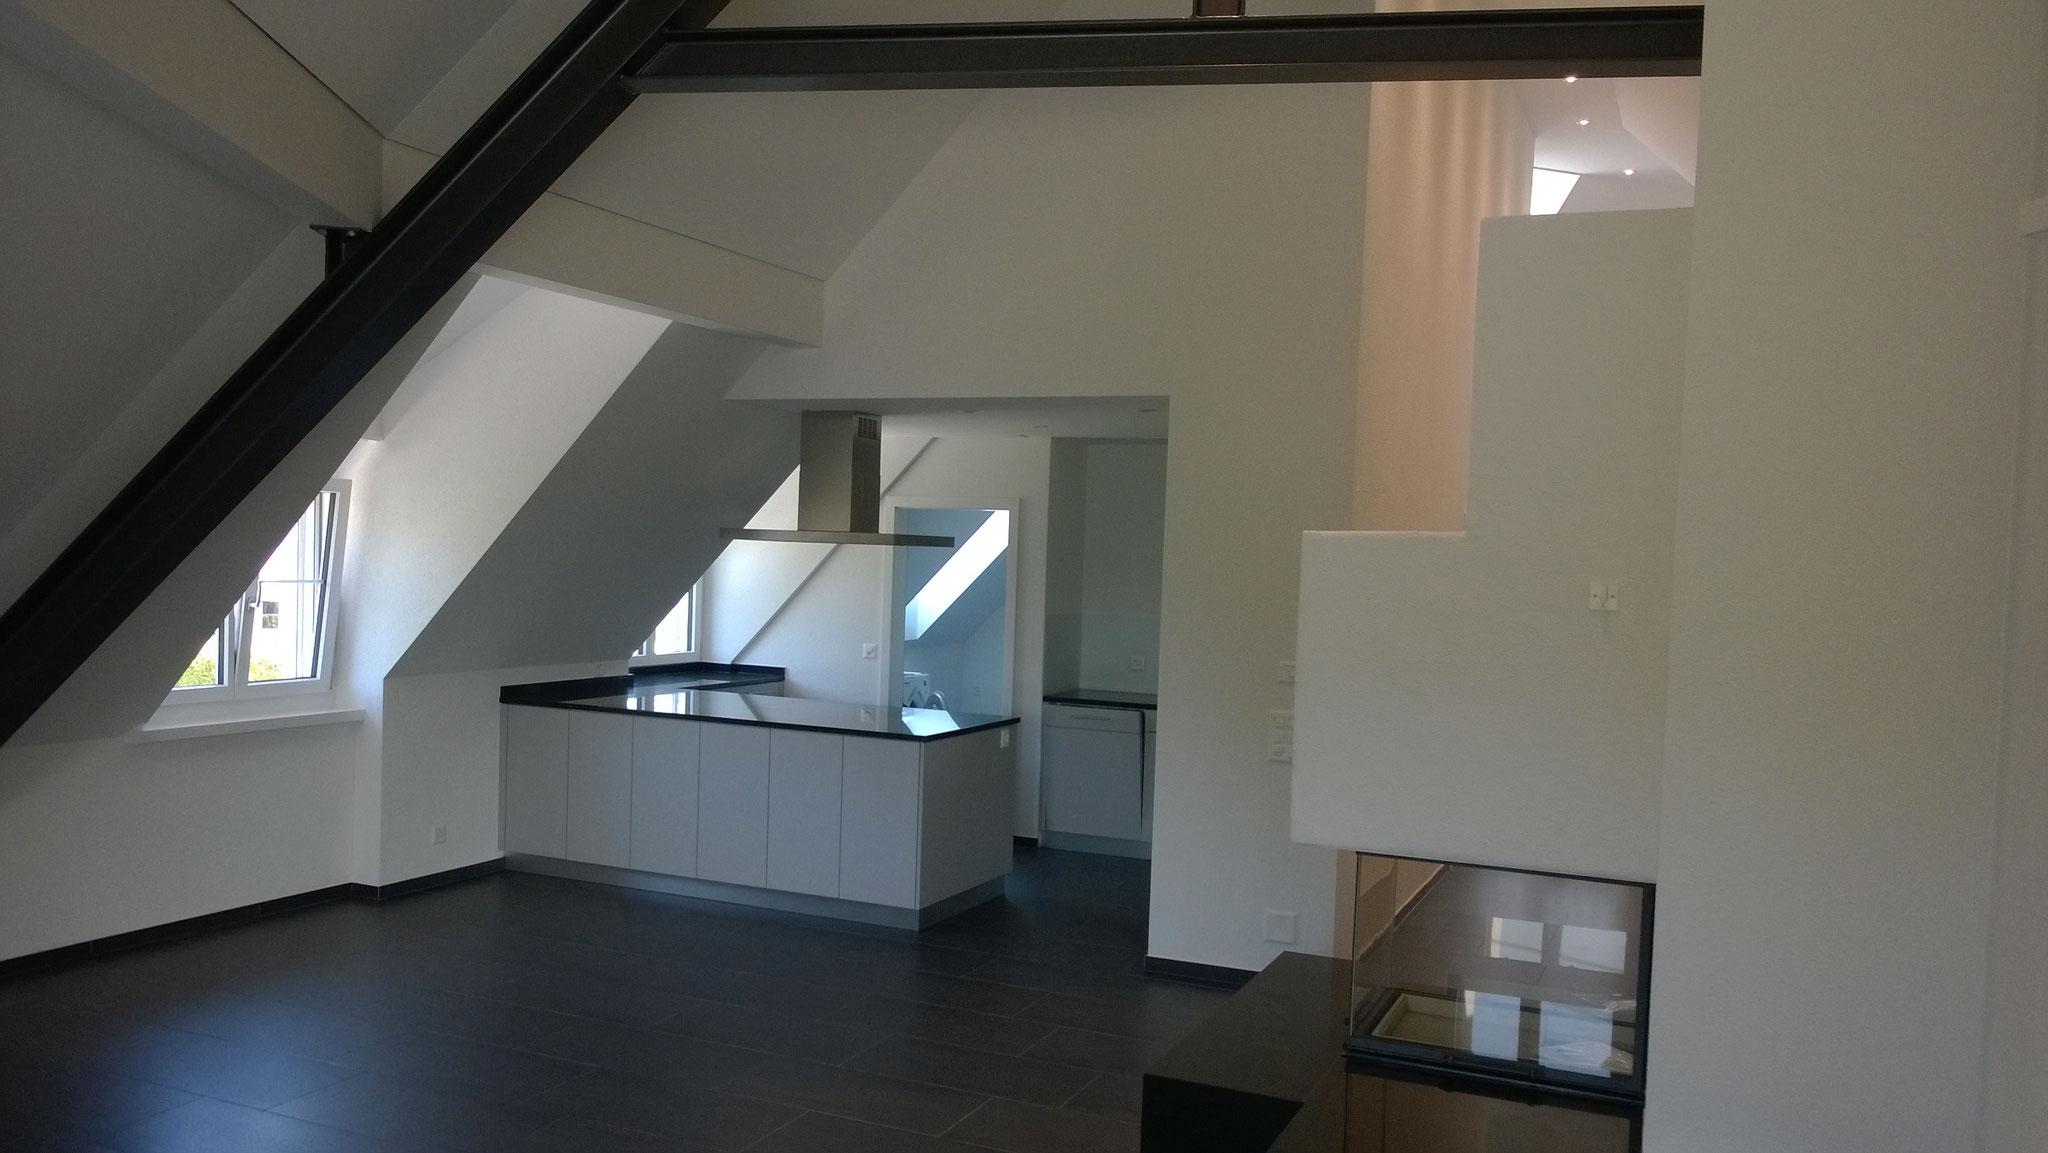 Wohnhaus mit Praxisräumen, 8460 Marthalen/ZH